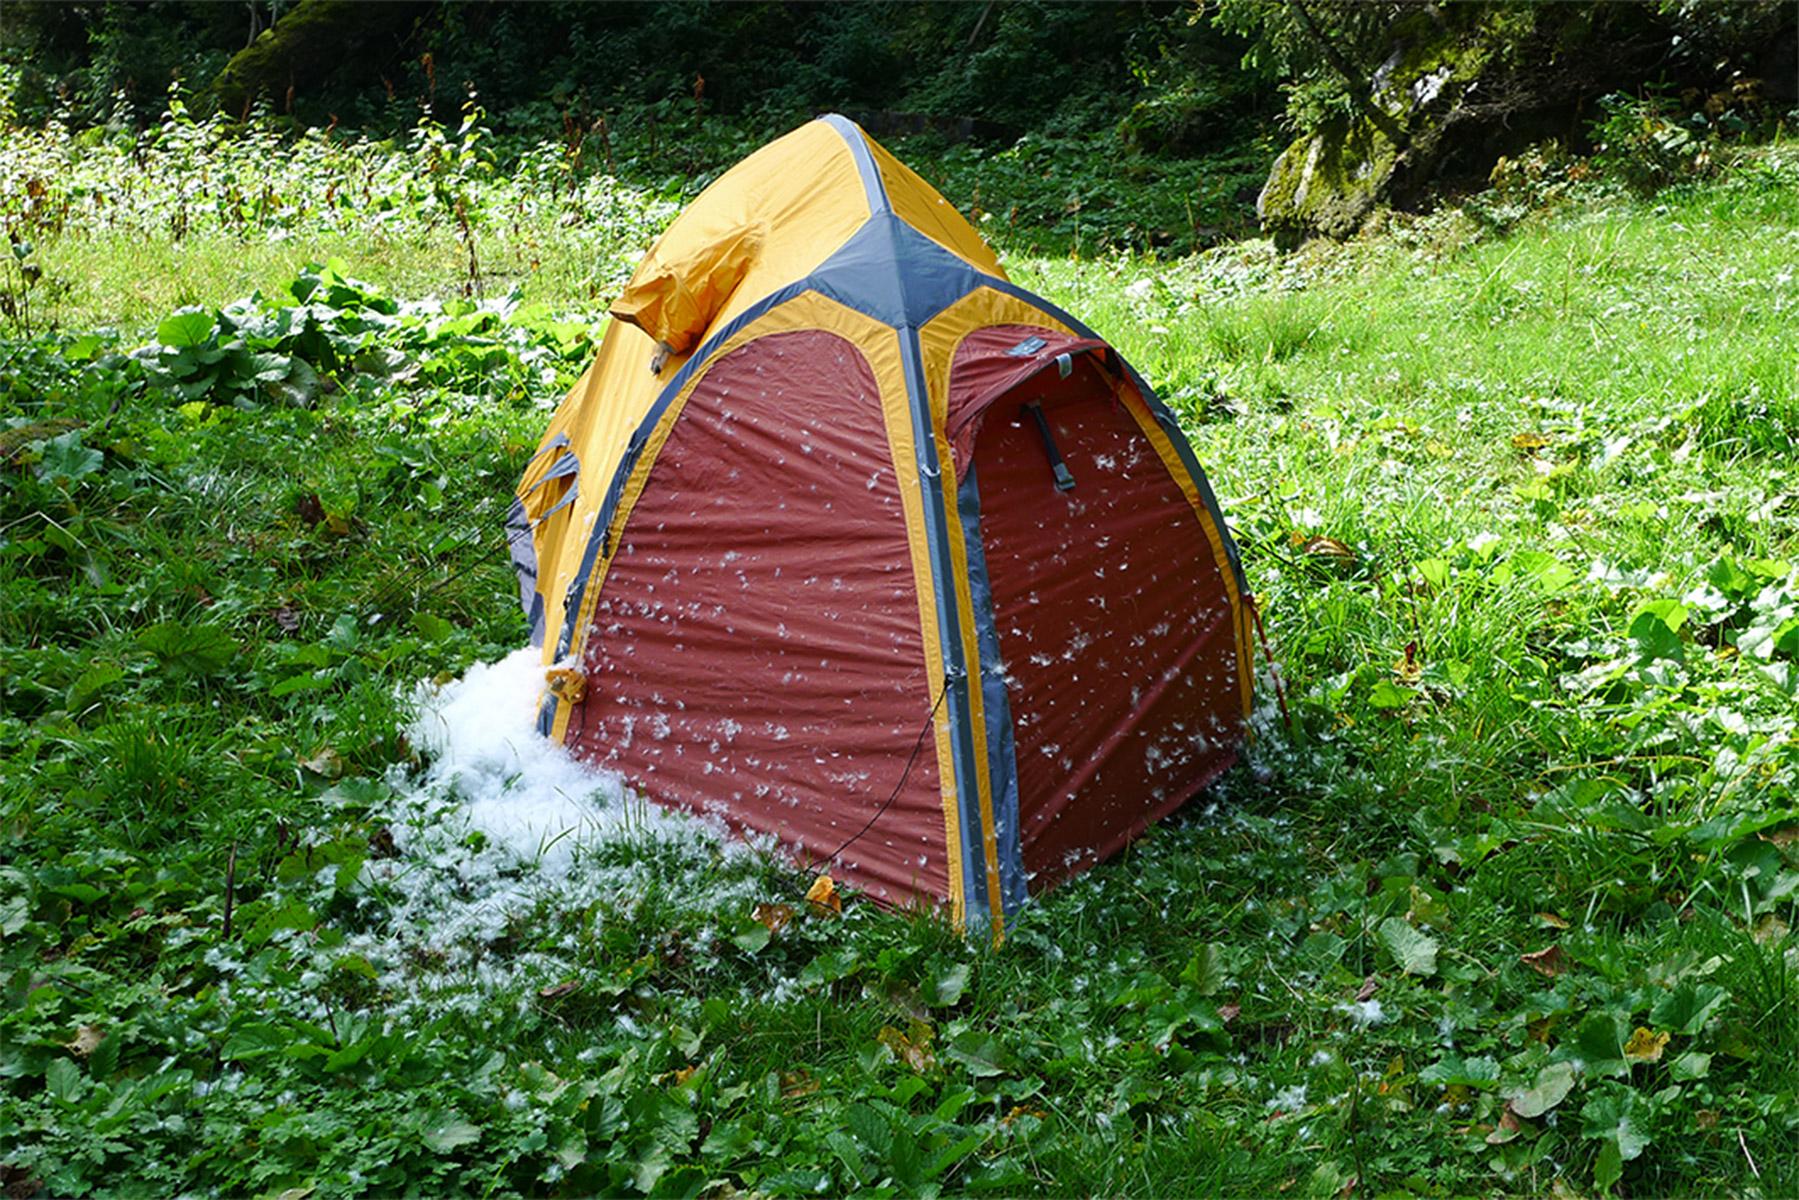 ...die Crew in der Tagebuchaufzeichnung bereitet sich auf einen heftigen Sturm vor...  Aus dem Zelt rieselt etwas Weisses....